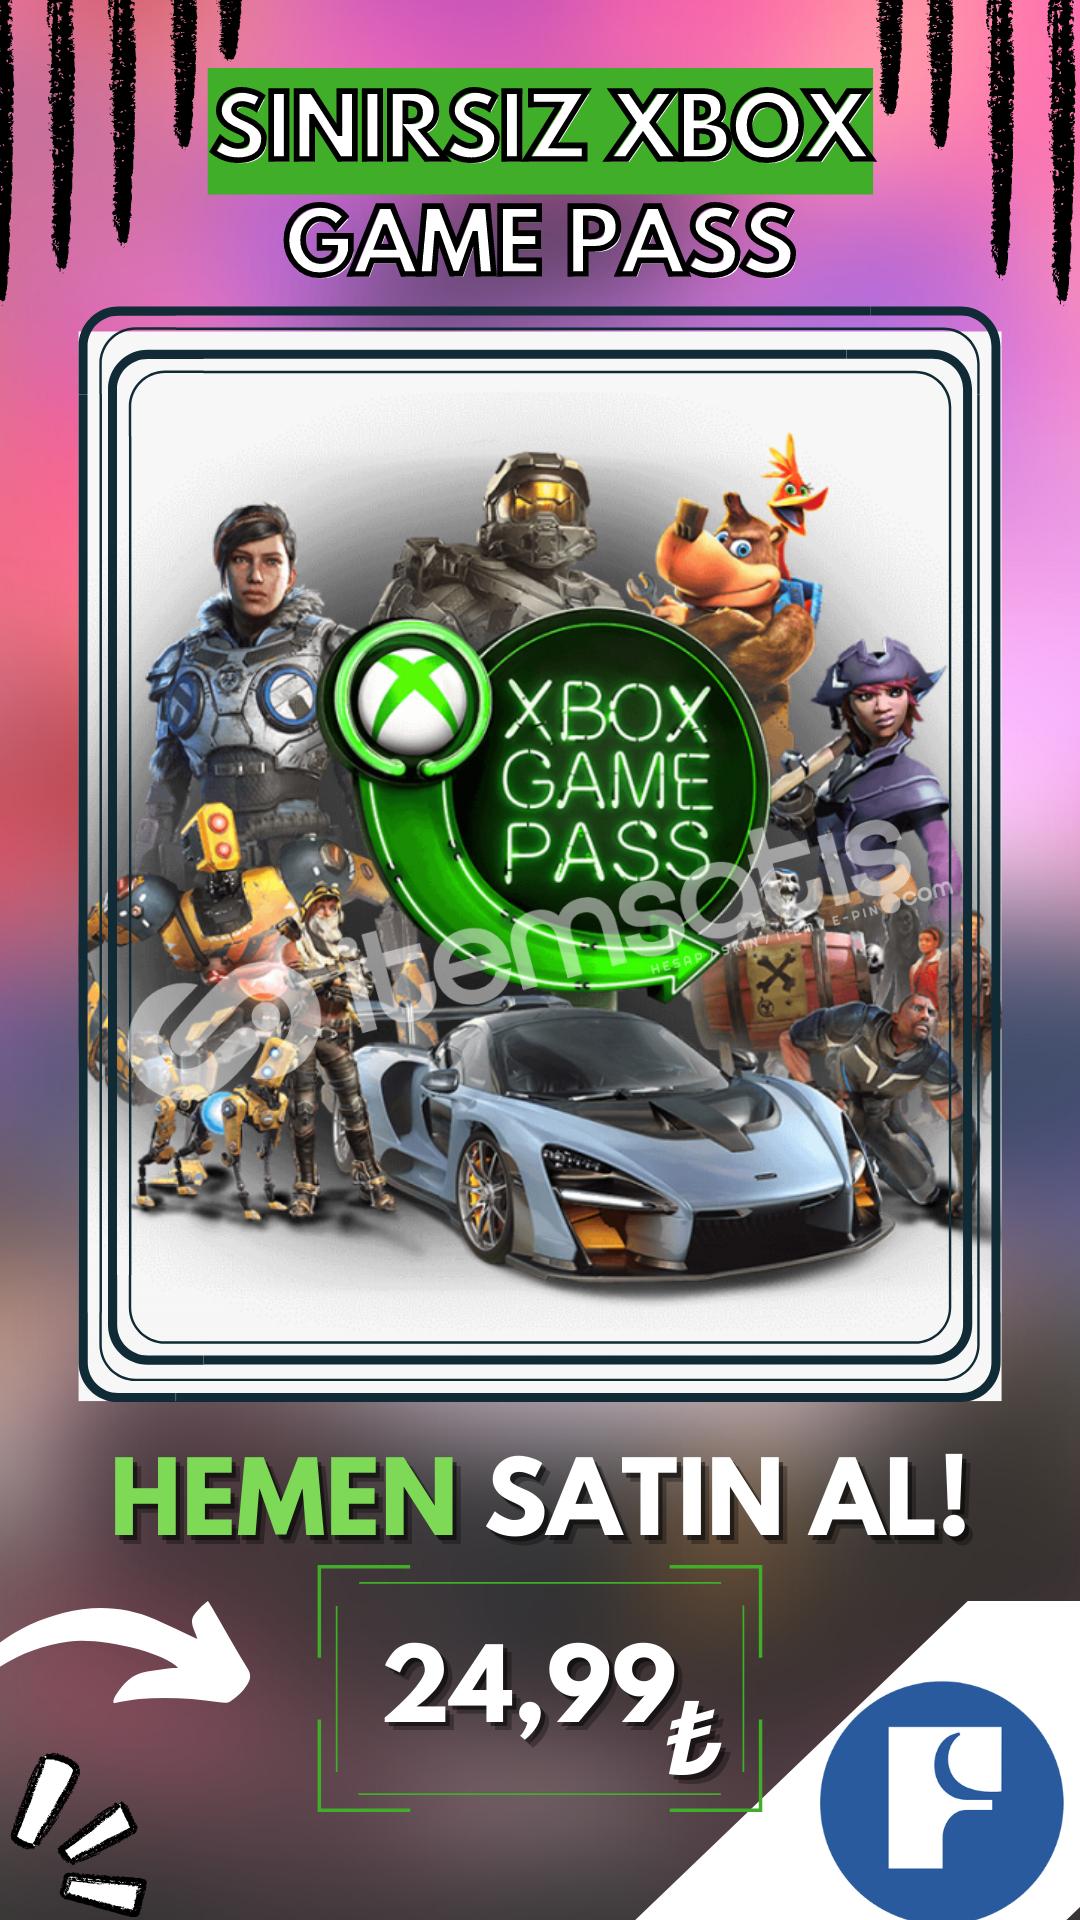 XBOX SINIRSIZ GamePass + Garanti!